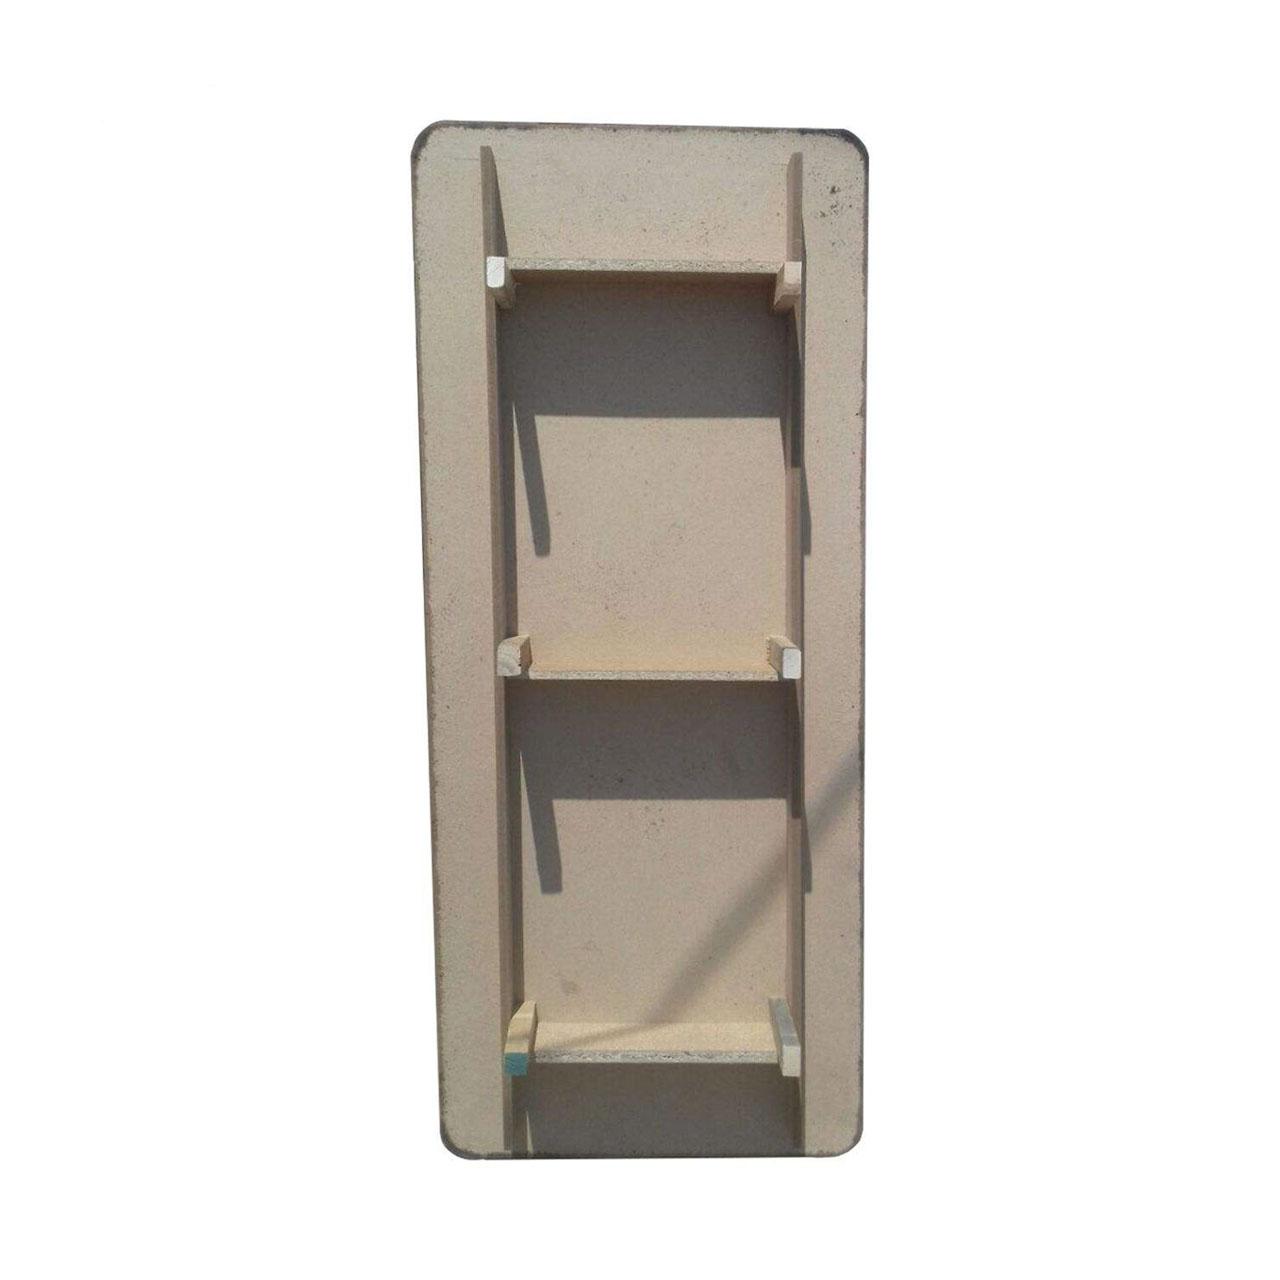 کفی تختخواب کد 02 سایز 180×74 سانتیمتر